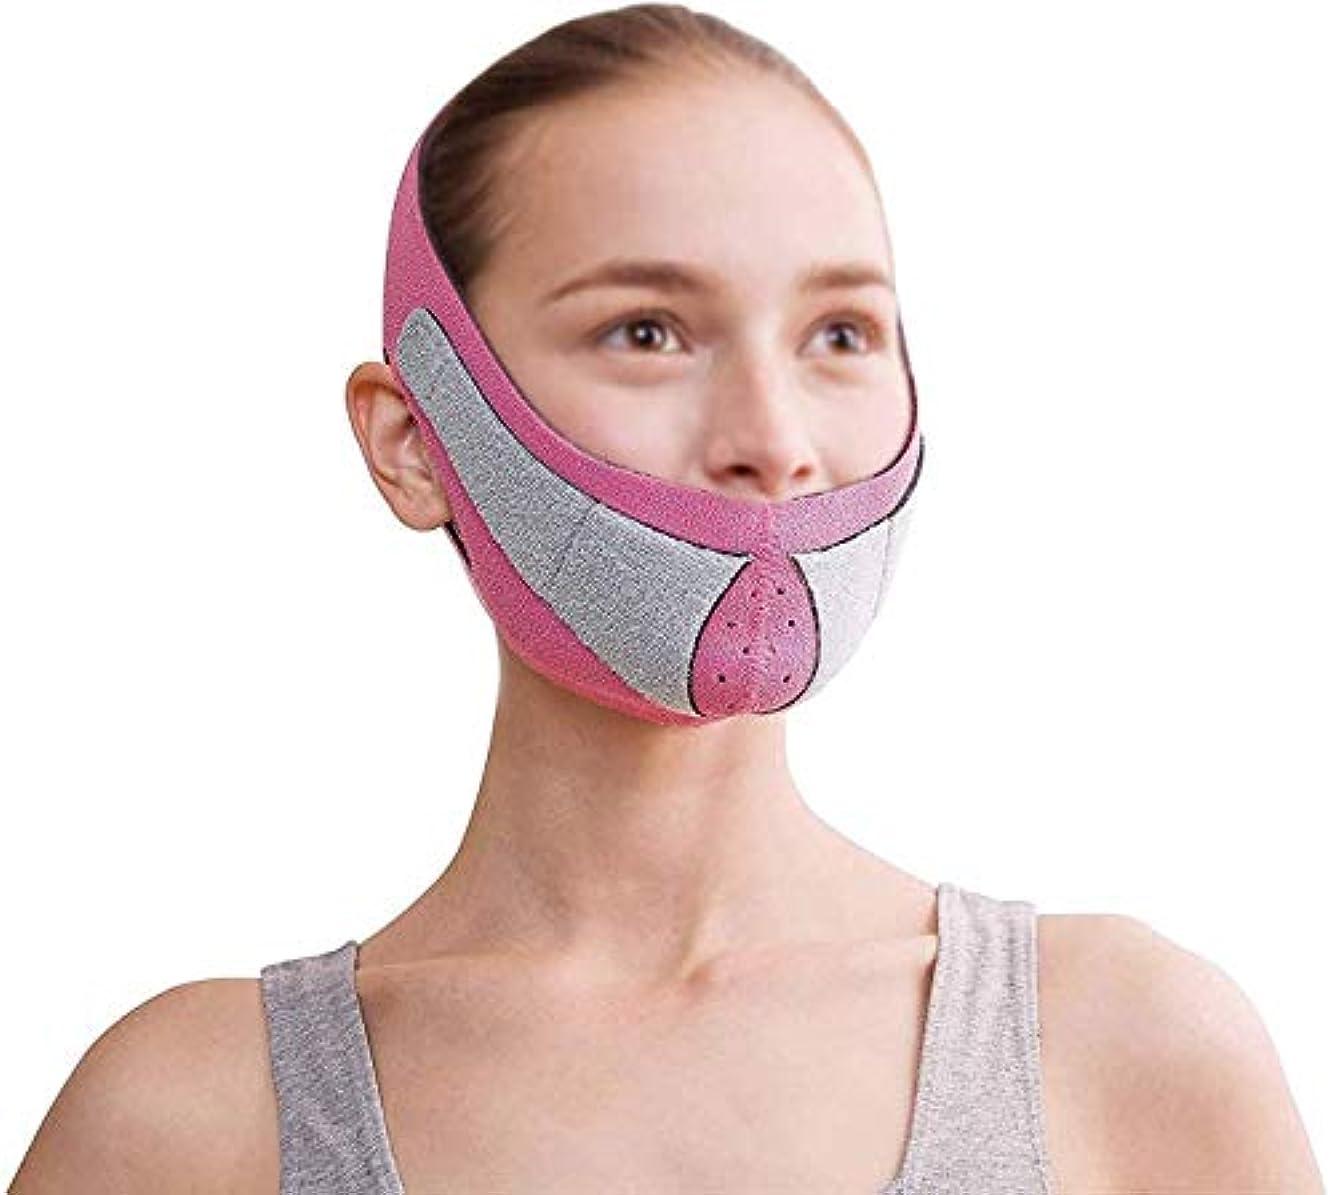 回路遺跡敷居美容と実用的なフェイスリフトマスク、フェイシャルマスクプラス薄型フェイスマスクタイトアンチタギング薄型フェイスマスクフェイシャル薄型フェイスマスクアーティファクトビューティーネックストラップ付き